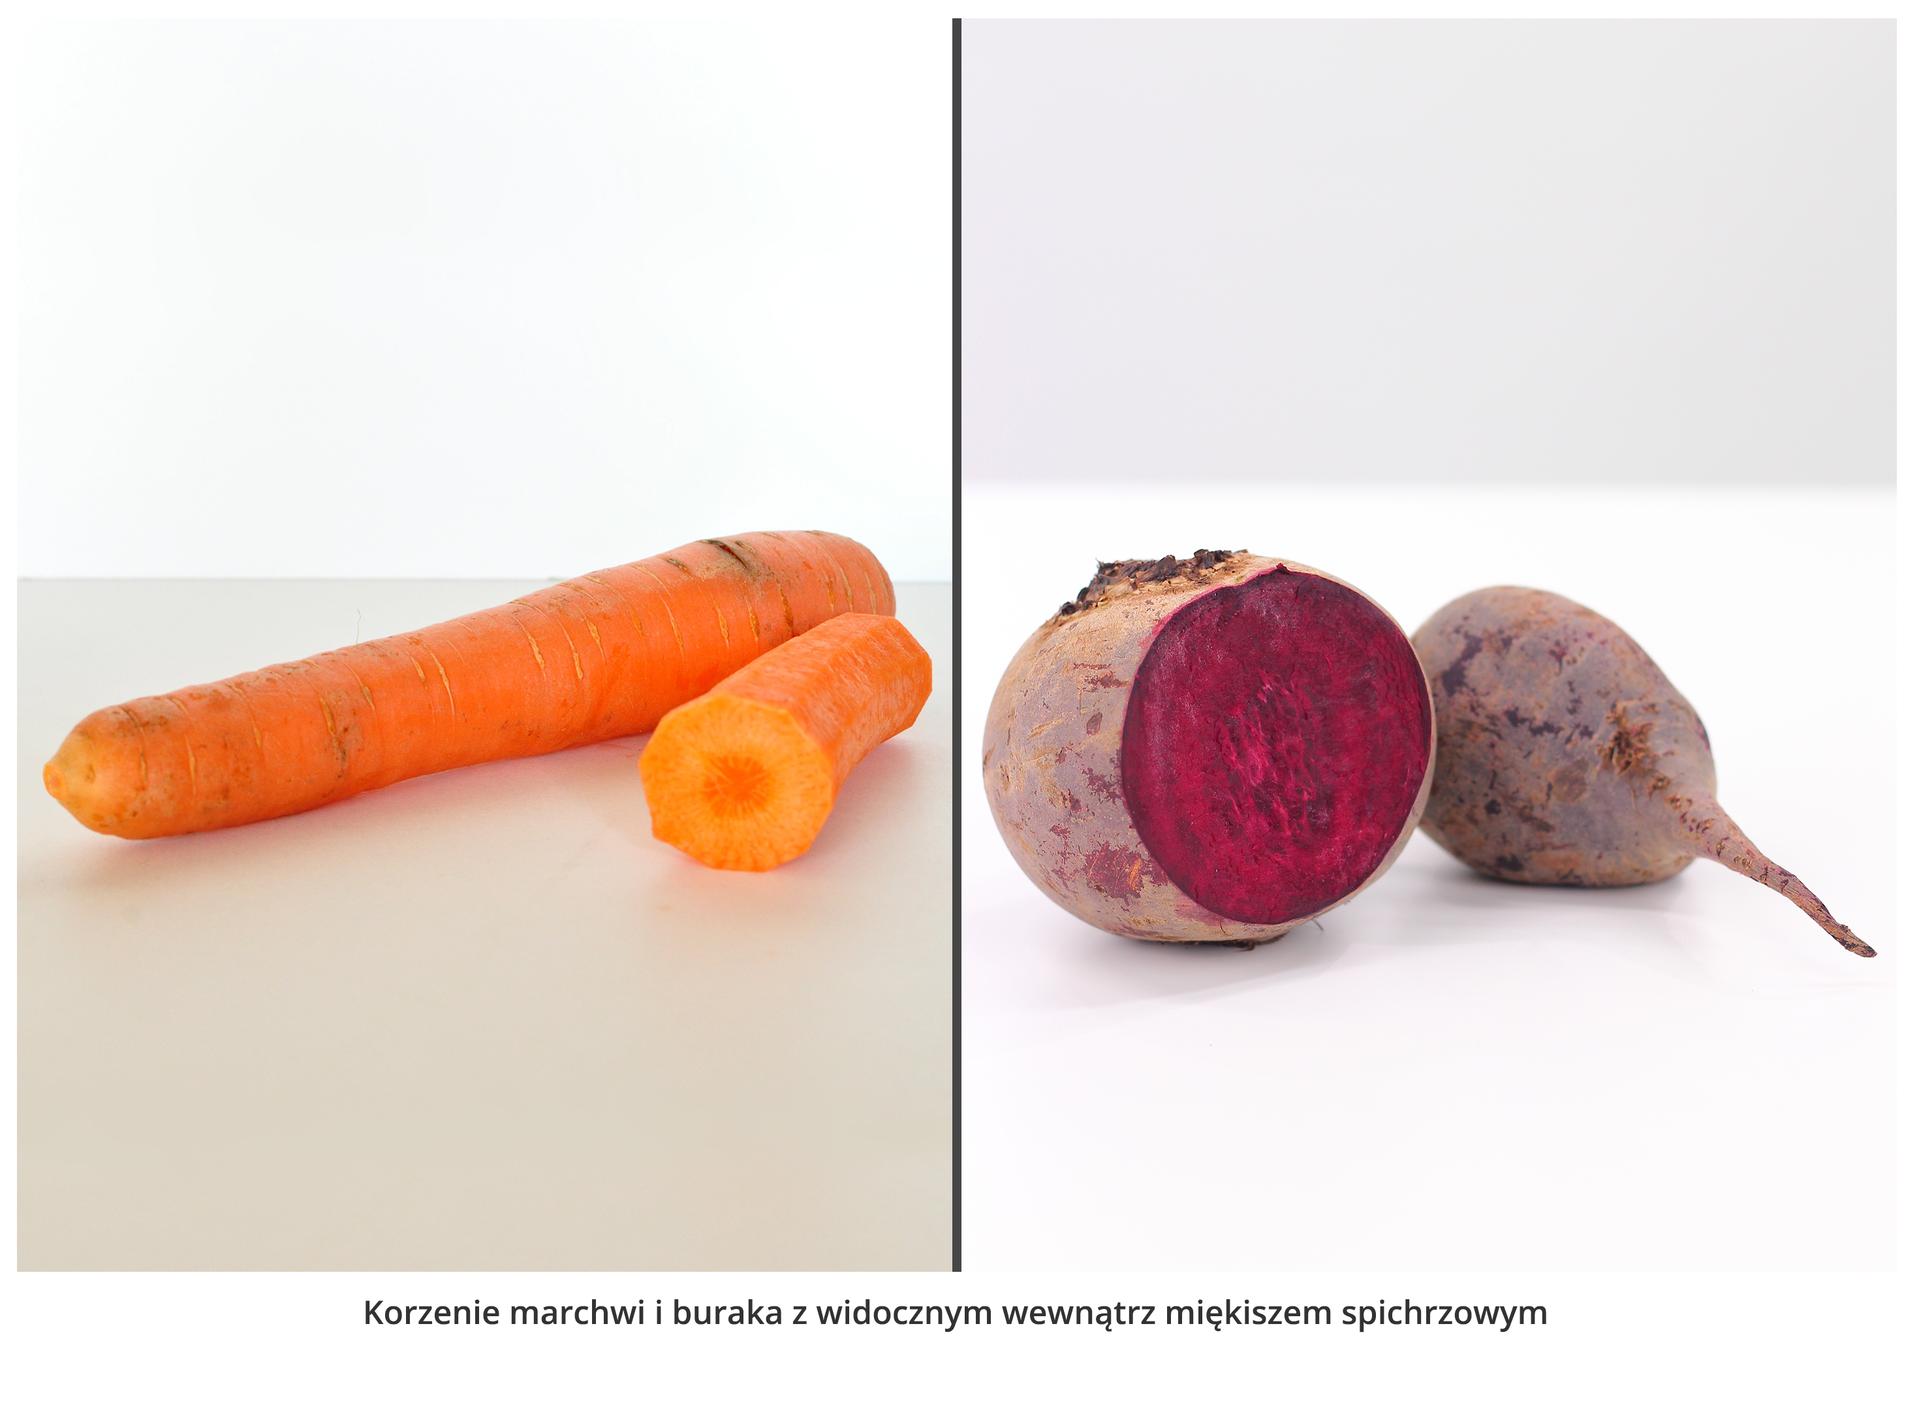 Fotografie przedstawiają dwie pomarańczowe marchwie idwa szaro liliowe buraki. Jedna marchew ijeden burak są przekrojone, żeby uwidocznić miękisz spichrzowy.